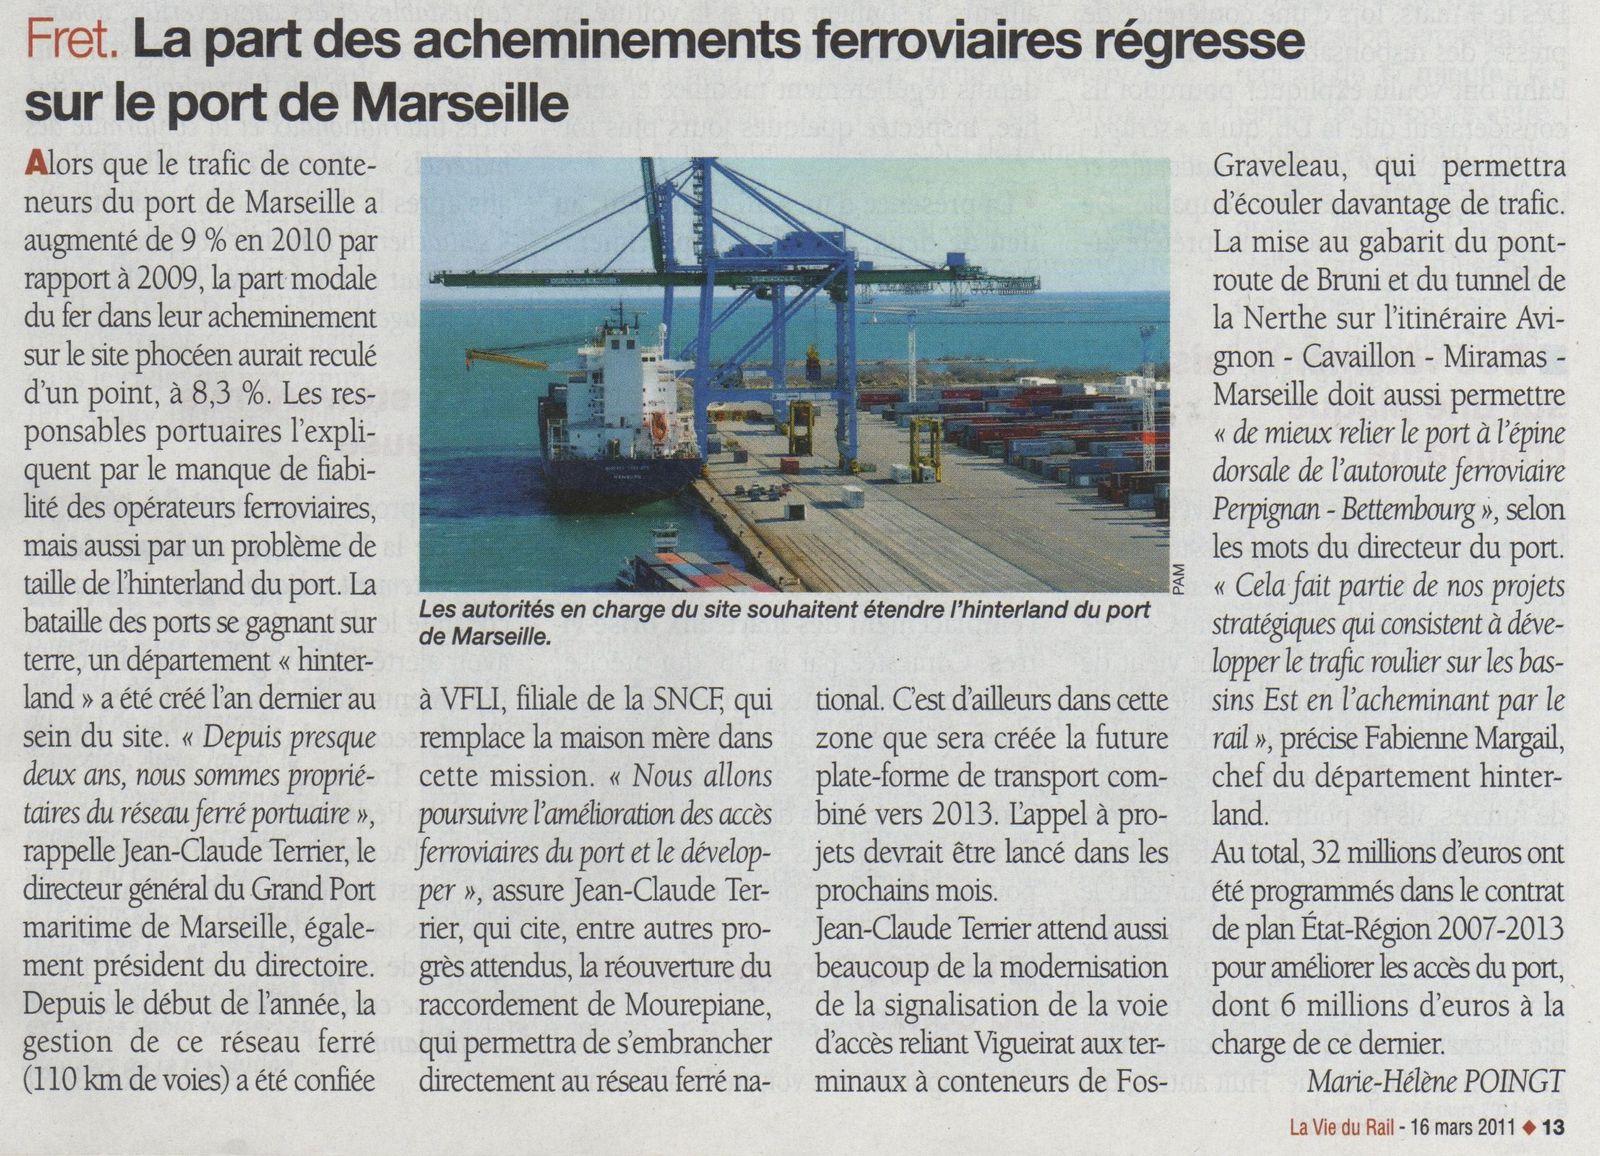 La part du fret ferroviaire régresse sur le port LVR 16 II